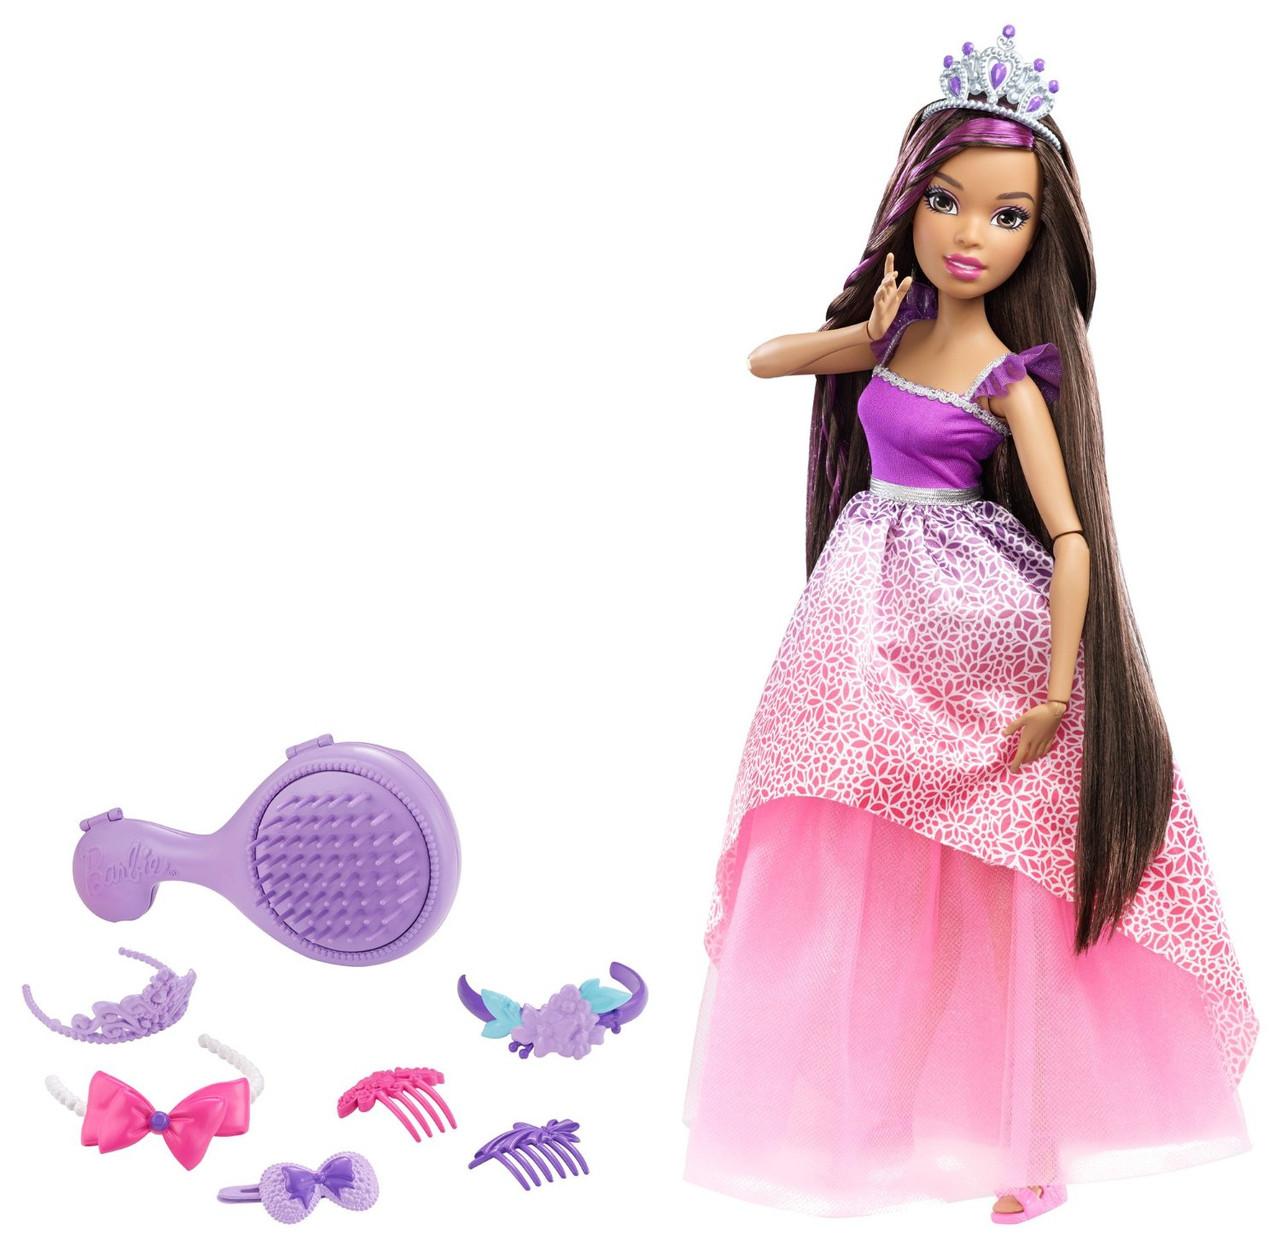 Большая кукла Барби 43 см Сказочно-Длинные волосы Брюнетка, Barbie Dreamtopia, Mattel